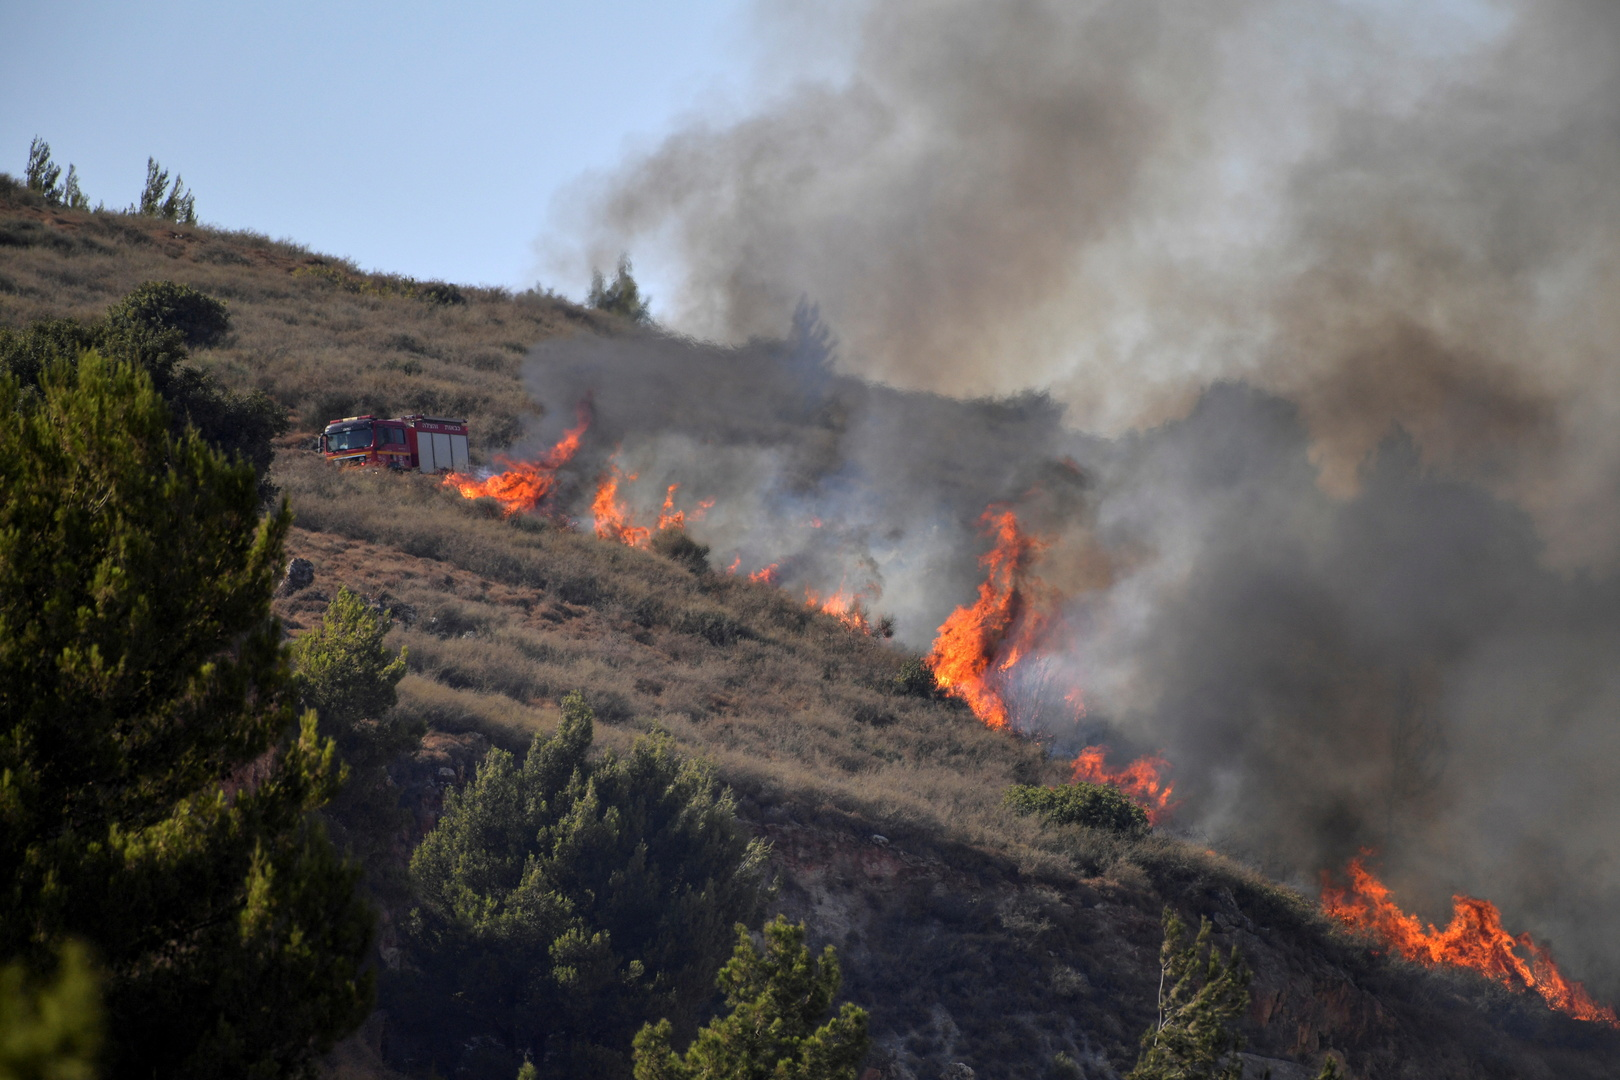 واشنطن تندد بالهجمات الصاروخية التي شنتها جماعات مسلحة تتمركز في لبنان على إسرائيل